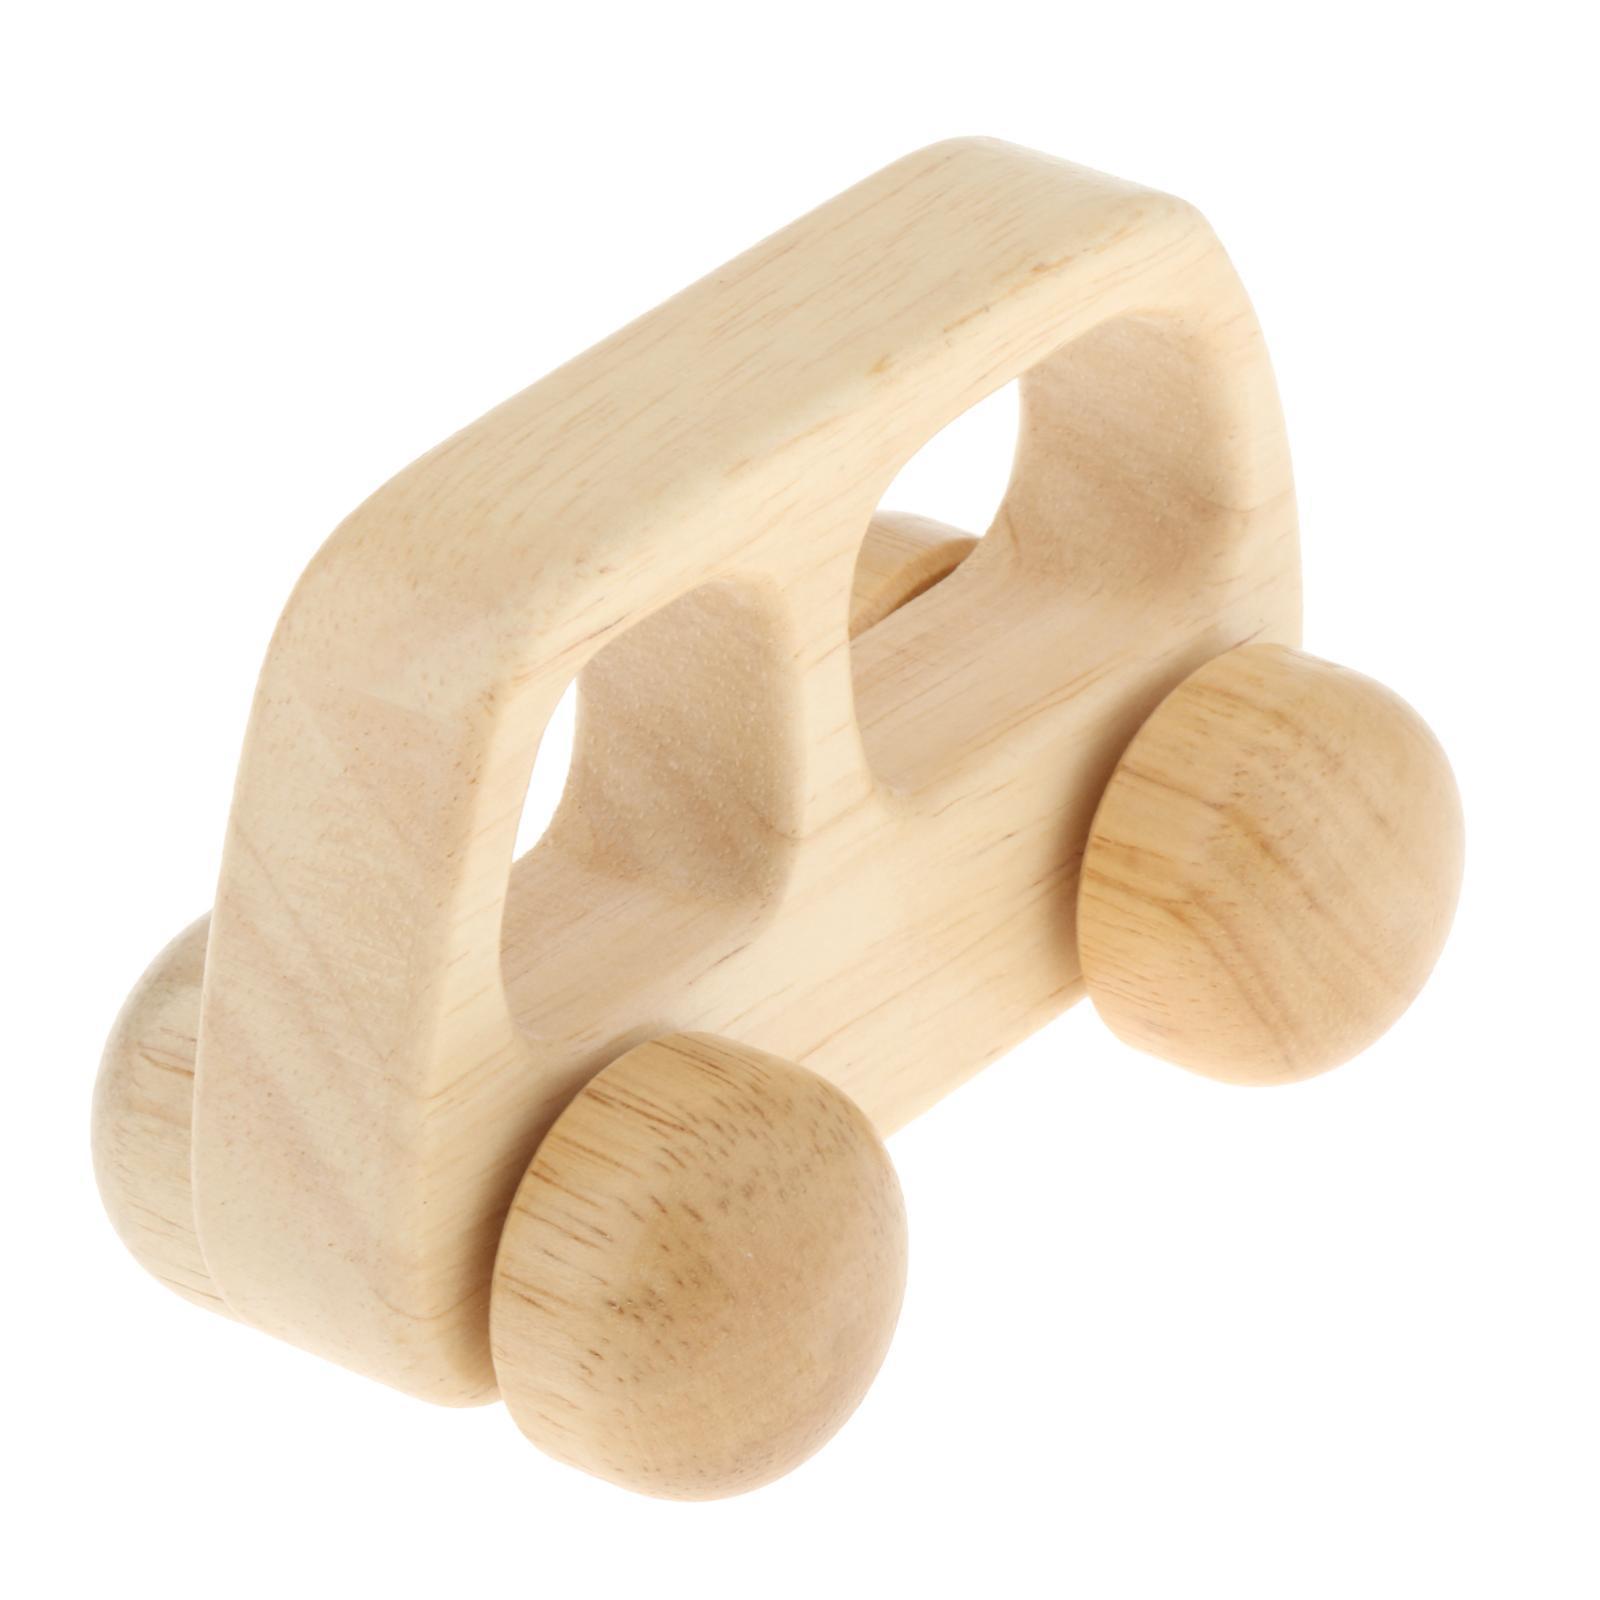 Fatti-a-mano-Giocattoli-di-Legno-Blocchi-di-Auto-Del-Fumetto-di-Attivita miniatura 4